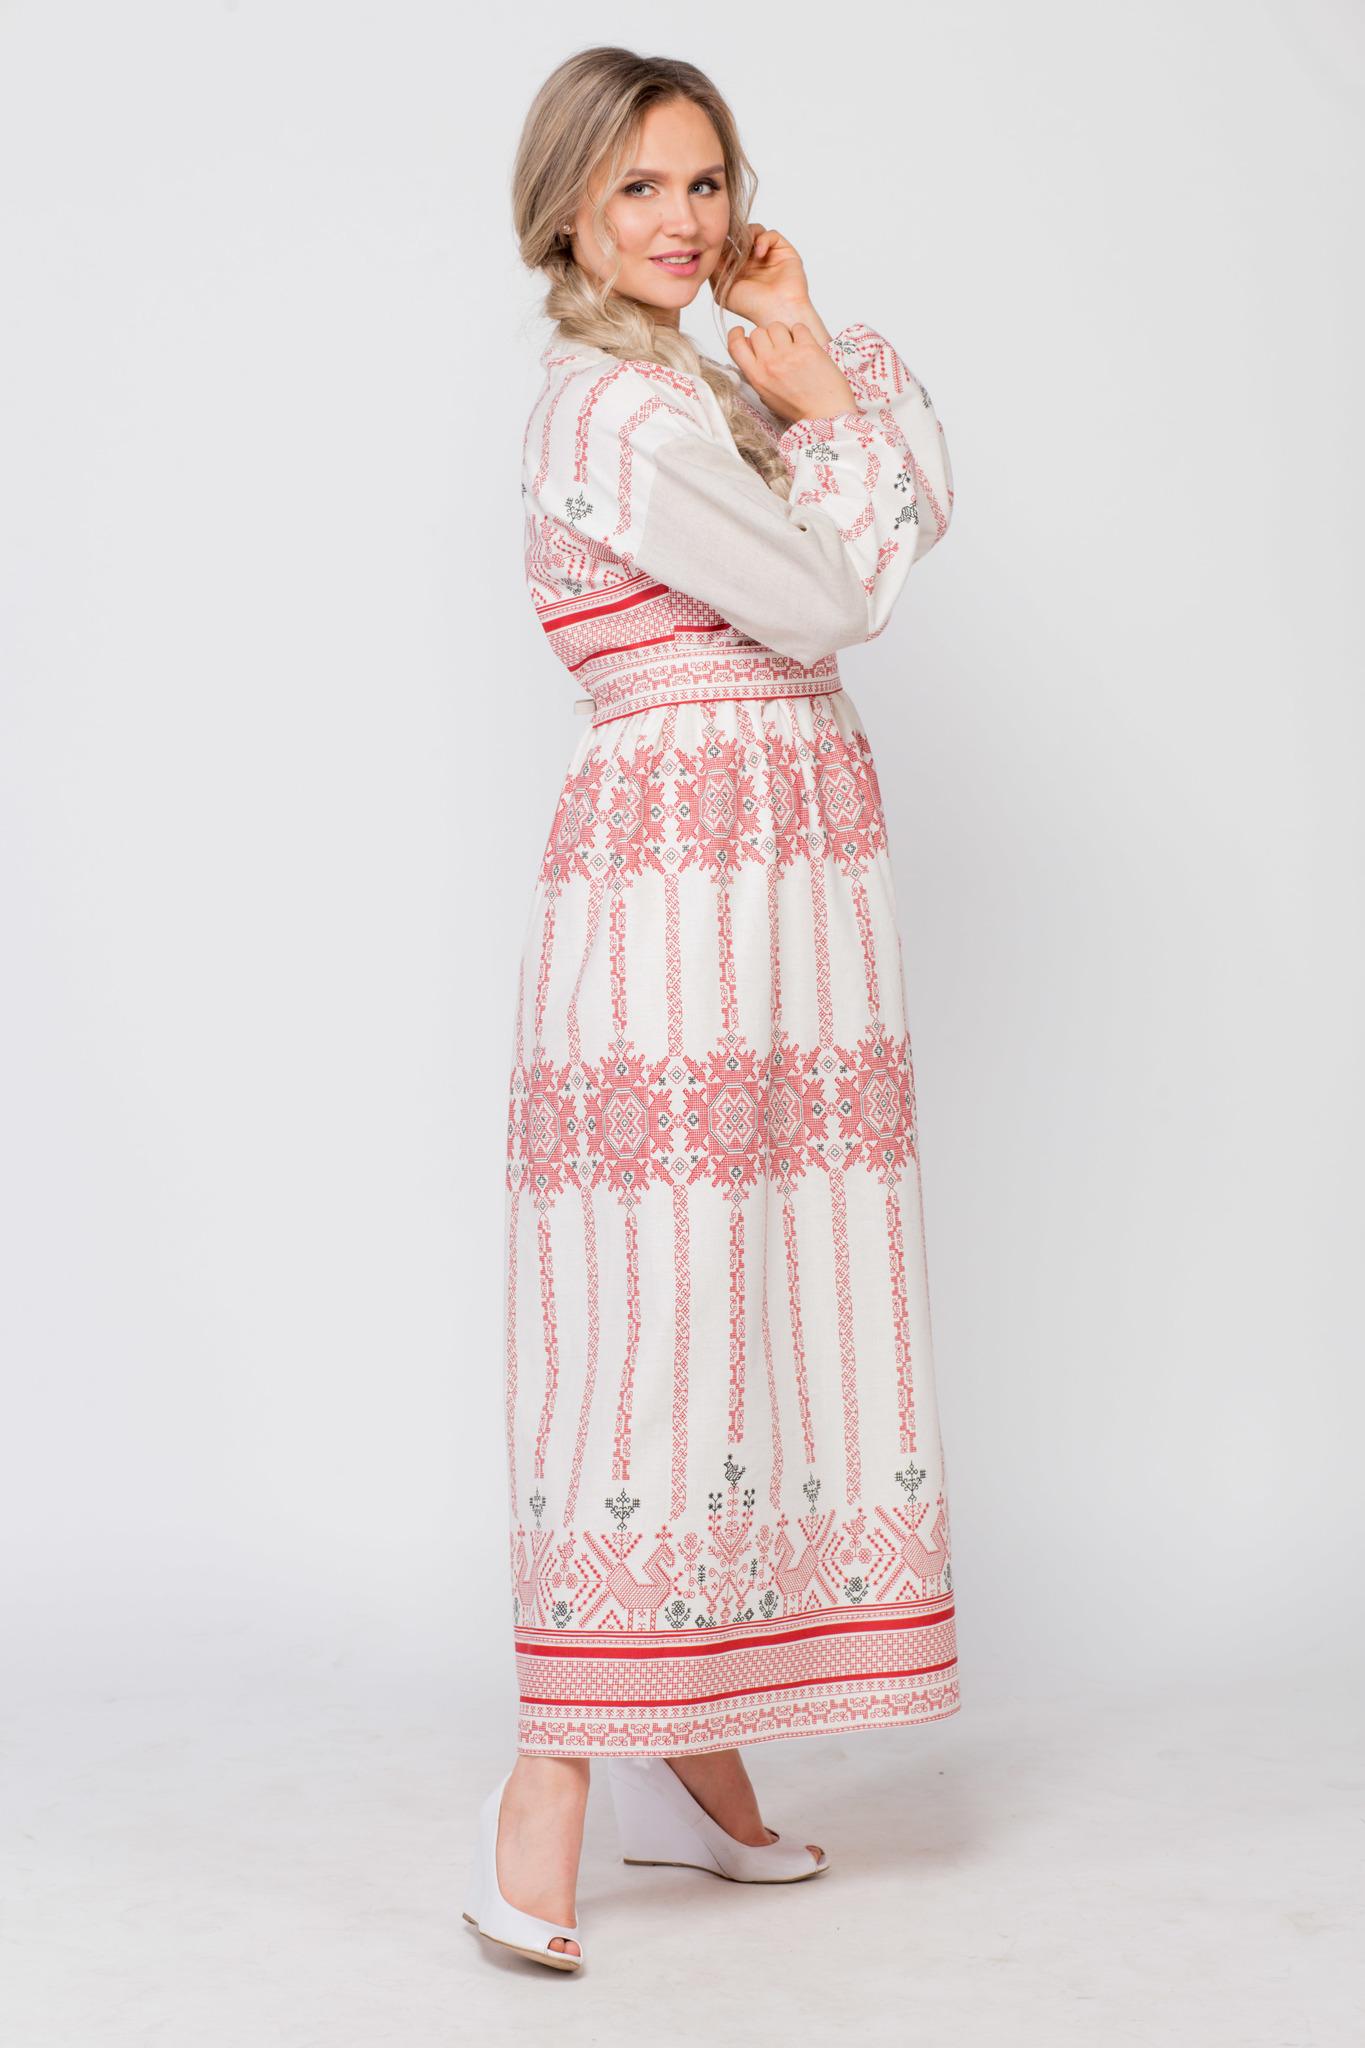 Платье льняное Земледелие вид сбоку